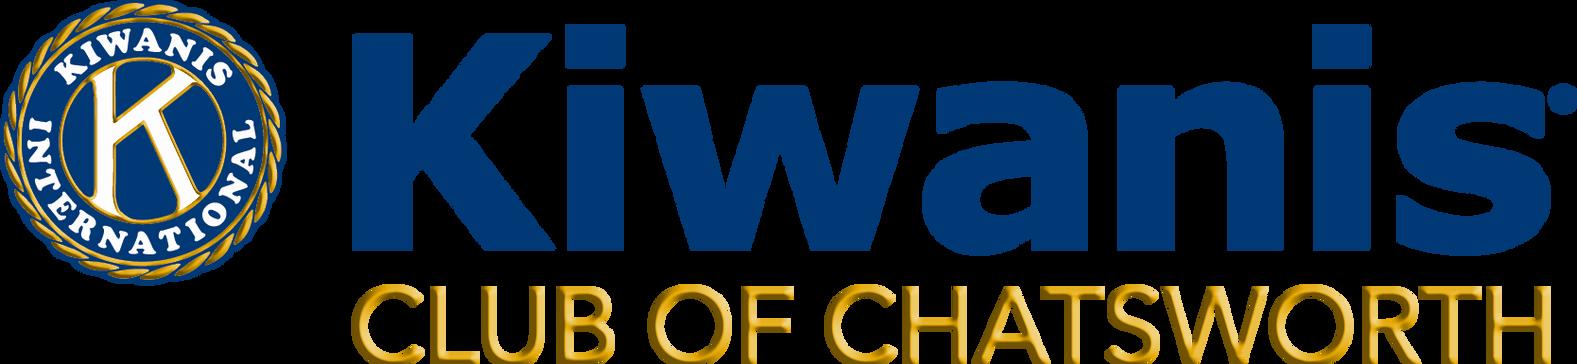 Kiwanis_Logo18.png